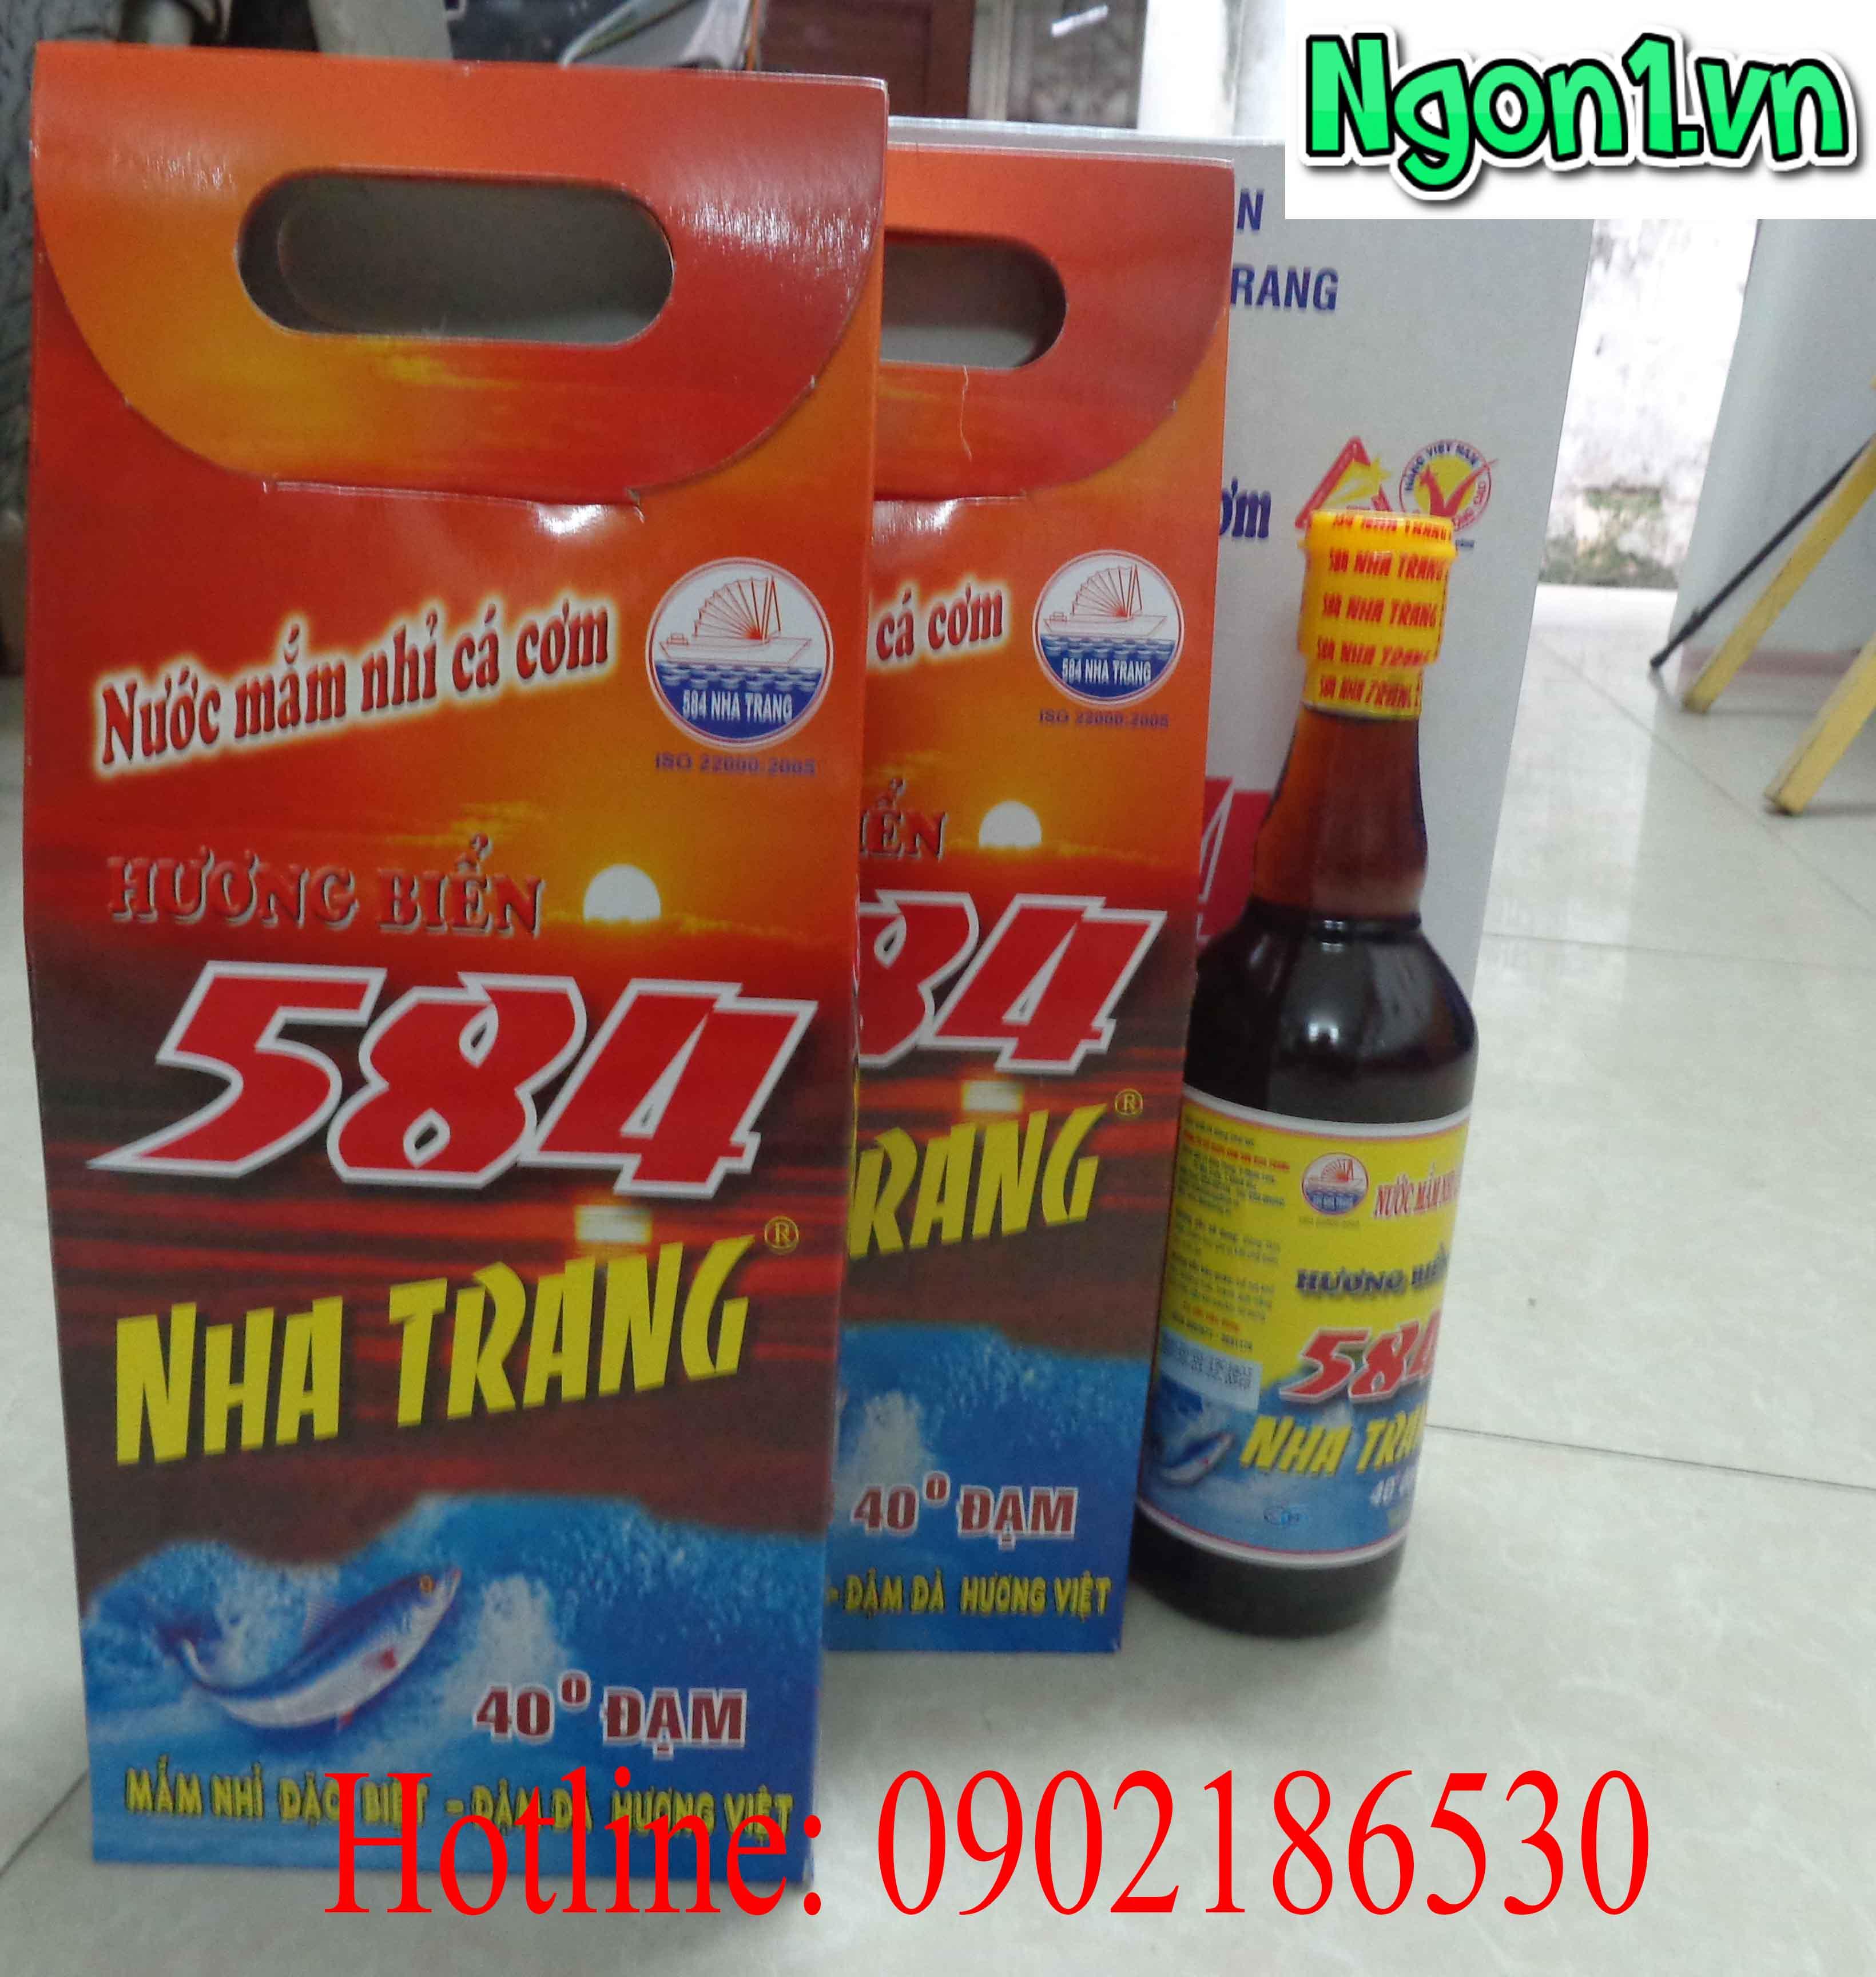 Nước mắm Nha Trang loại nào ngon và nên mua ở đâu Hà Nội